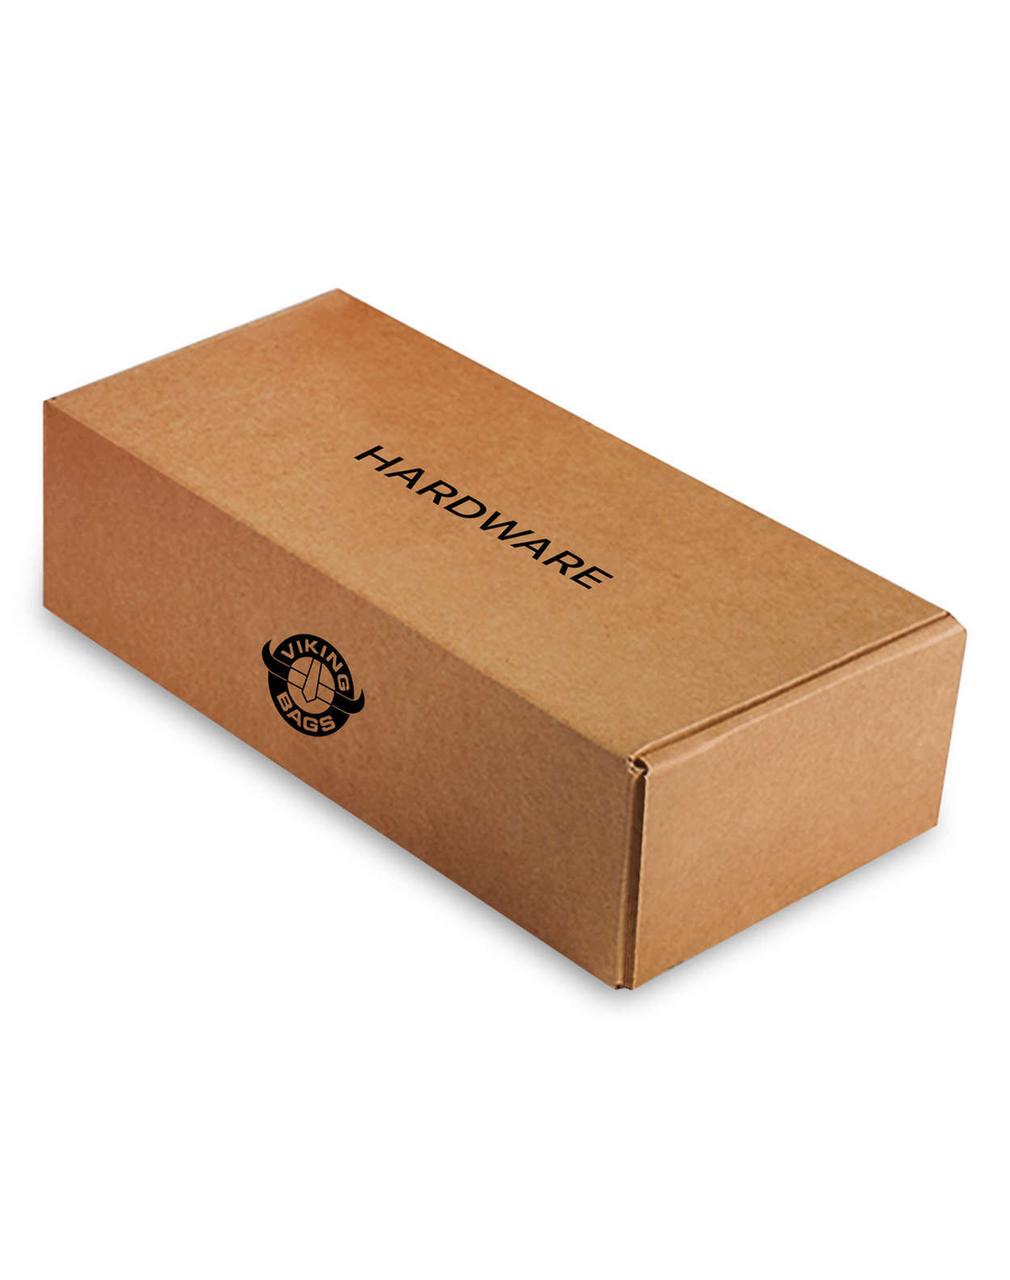 Honda VTX 1800 N Viking Lamellar Leather Covered Shock Cutout Hard Saddlebag Box